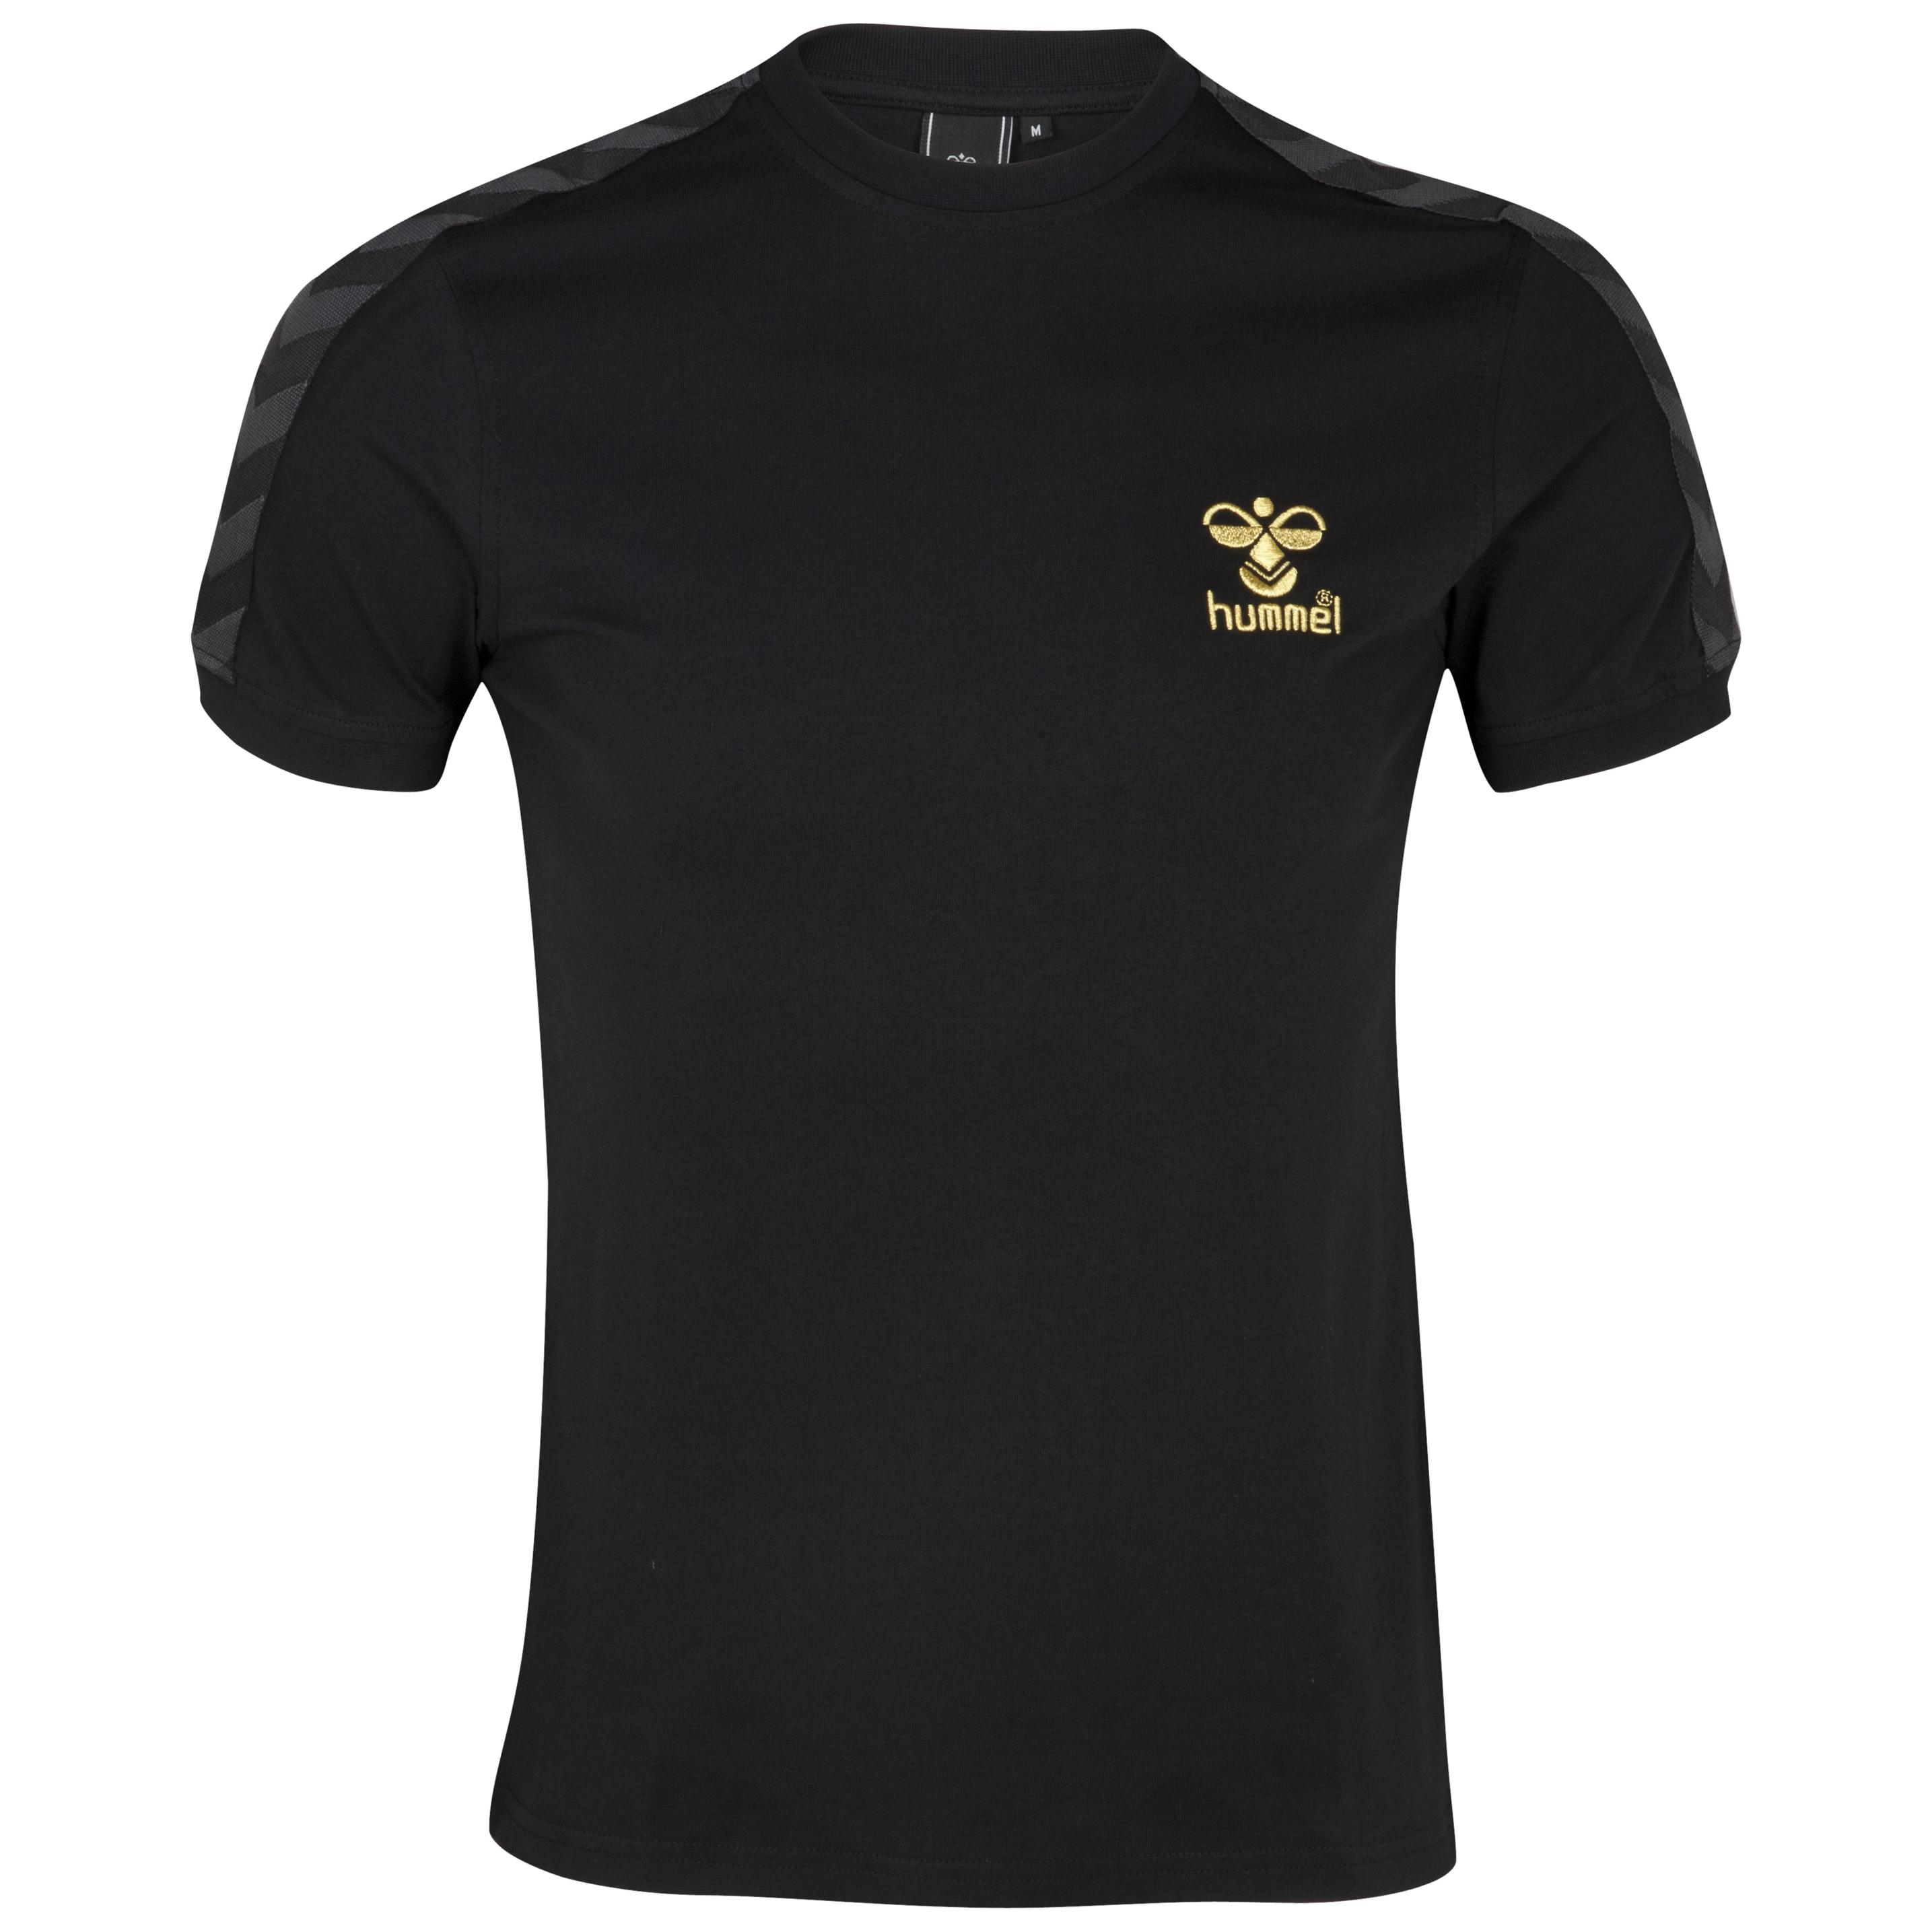 Hummel Davenport T-Shirt - Black/Gold